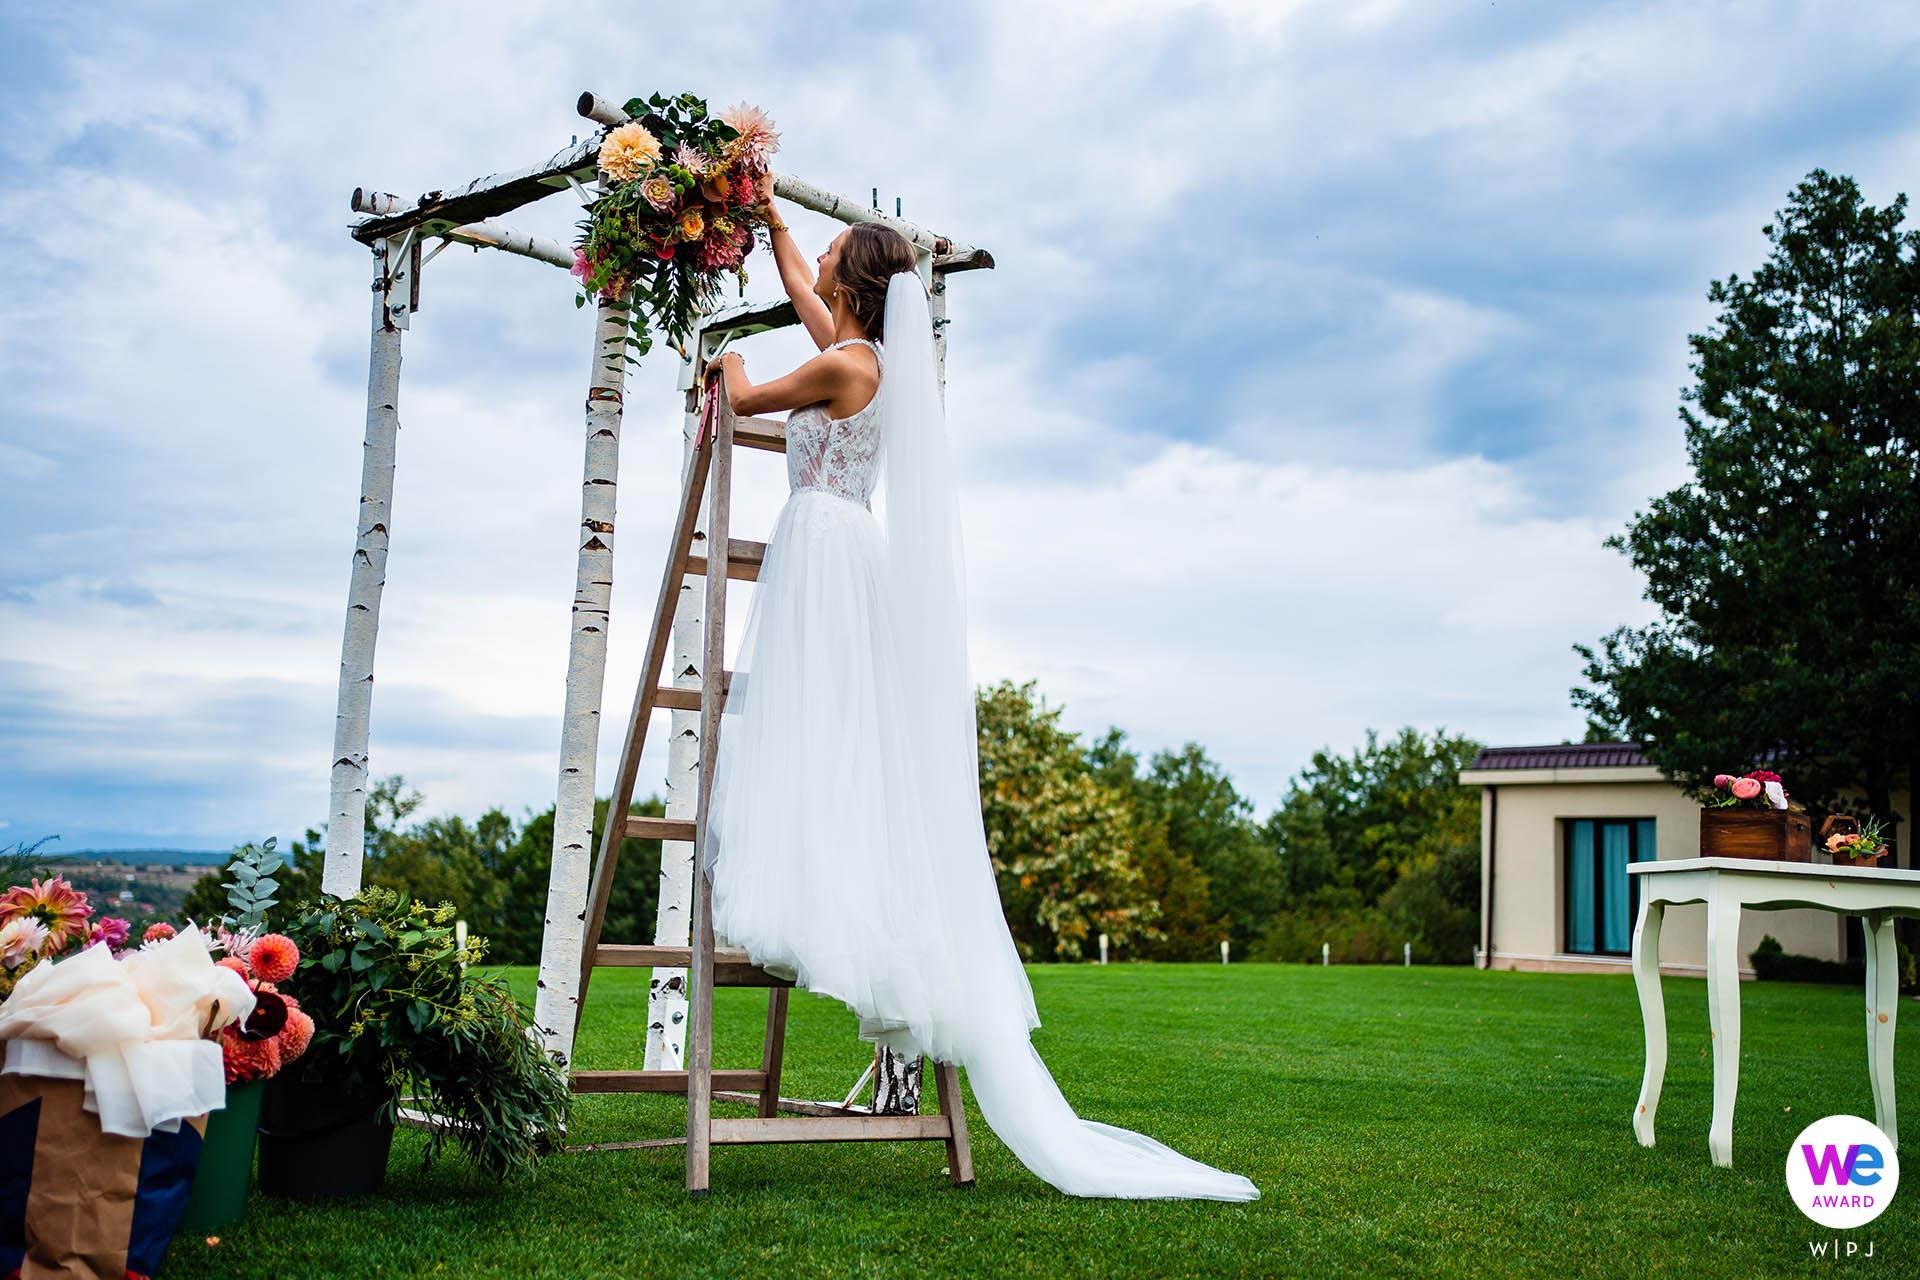 Fotografia di matrimonio da Villa Ekaterina a Vakarel, Bulgaria | la sposa lavora all'ultimo minuto per perfezionare l'arco nuziale